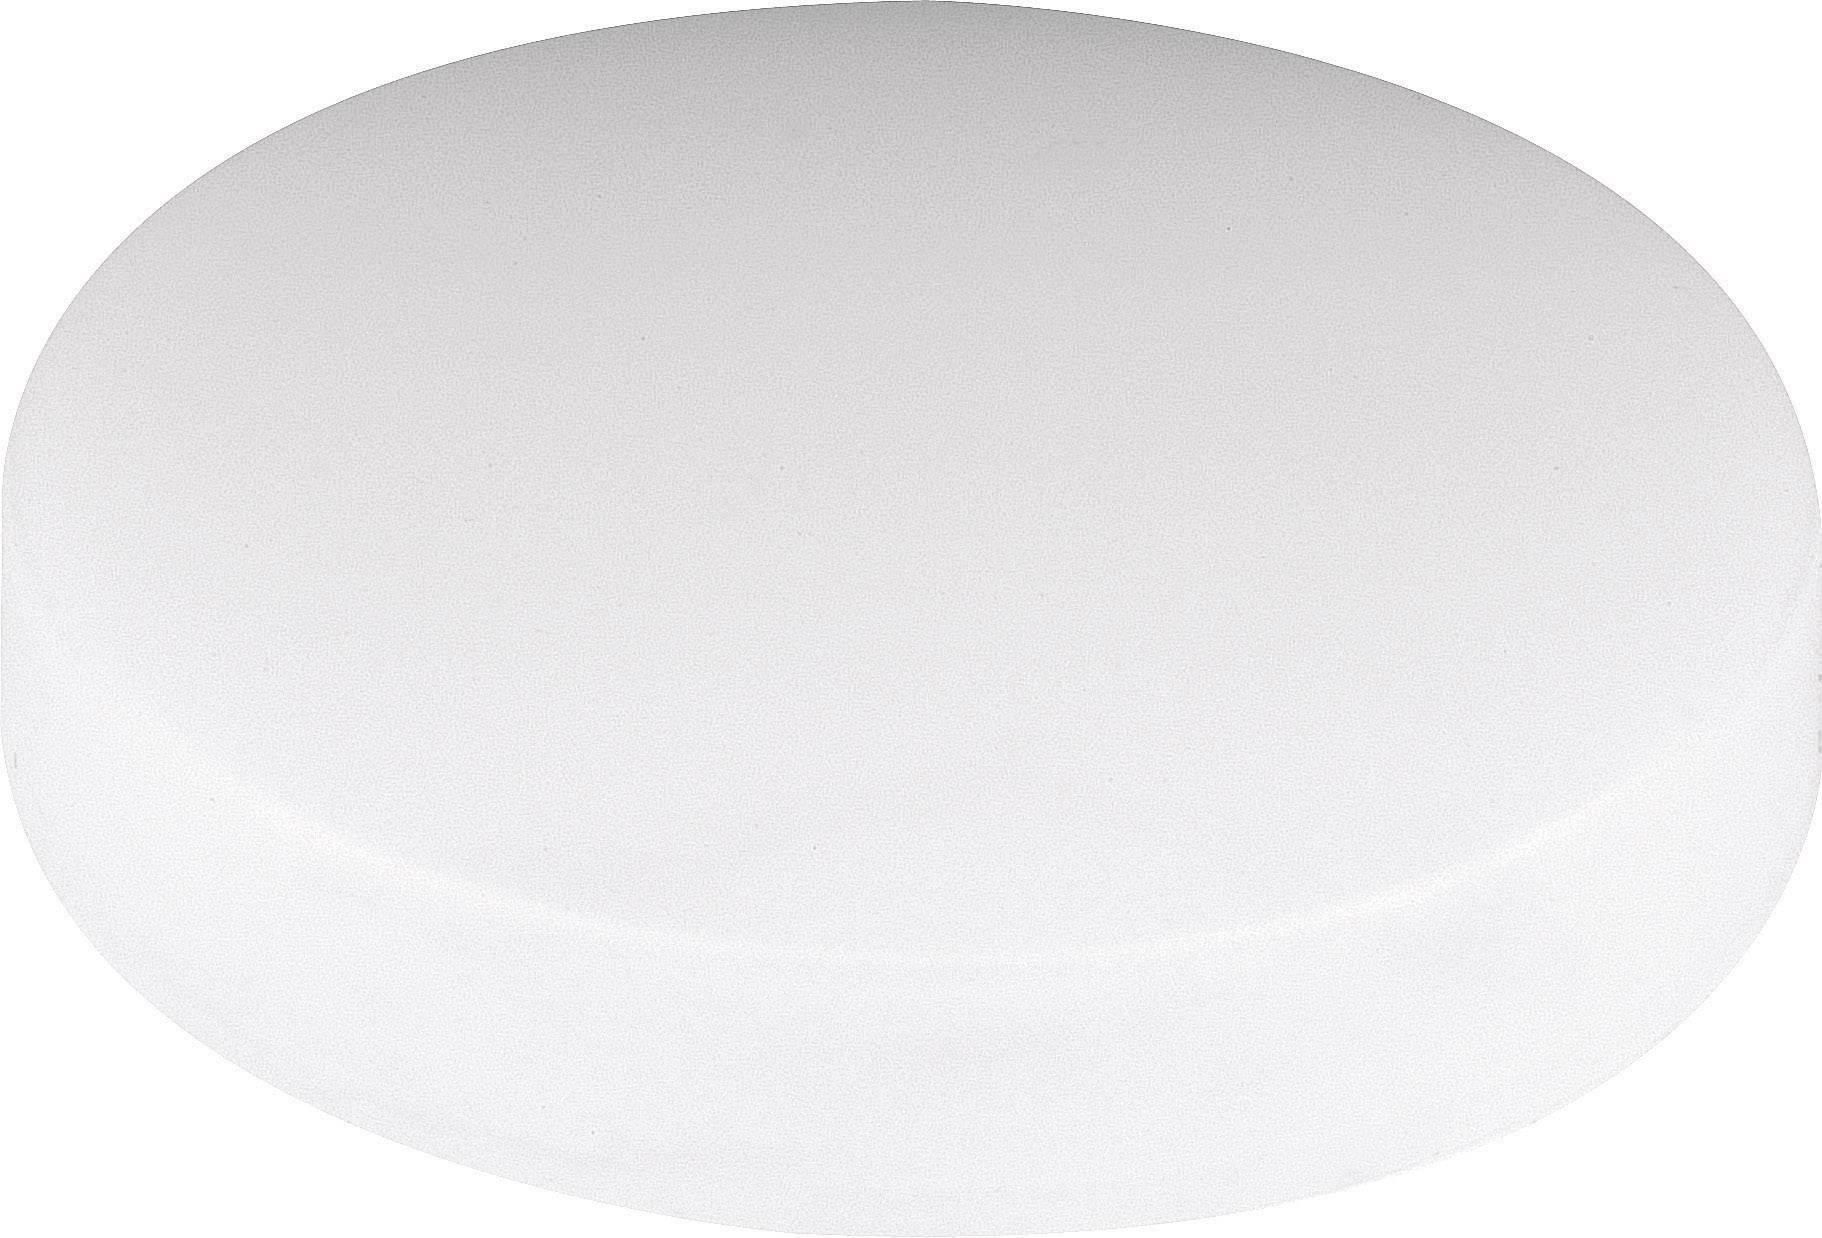 Stínítko reflektoru, Mentor 2450.0700, žlutá, Ø 12 mm